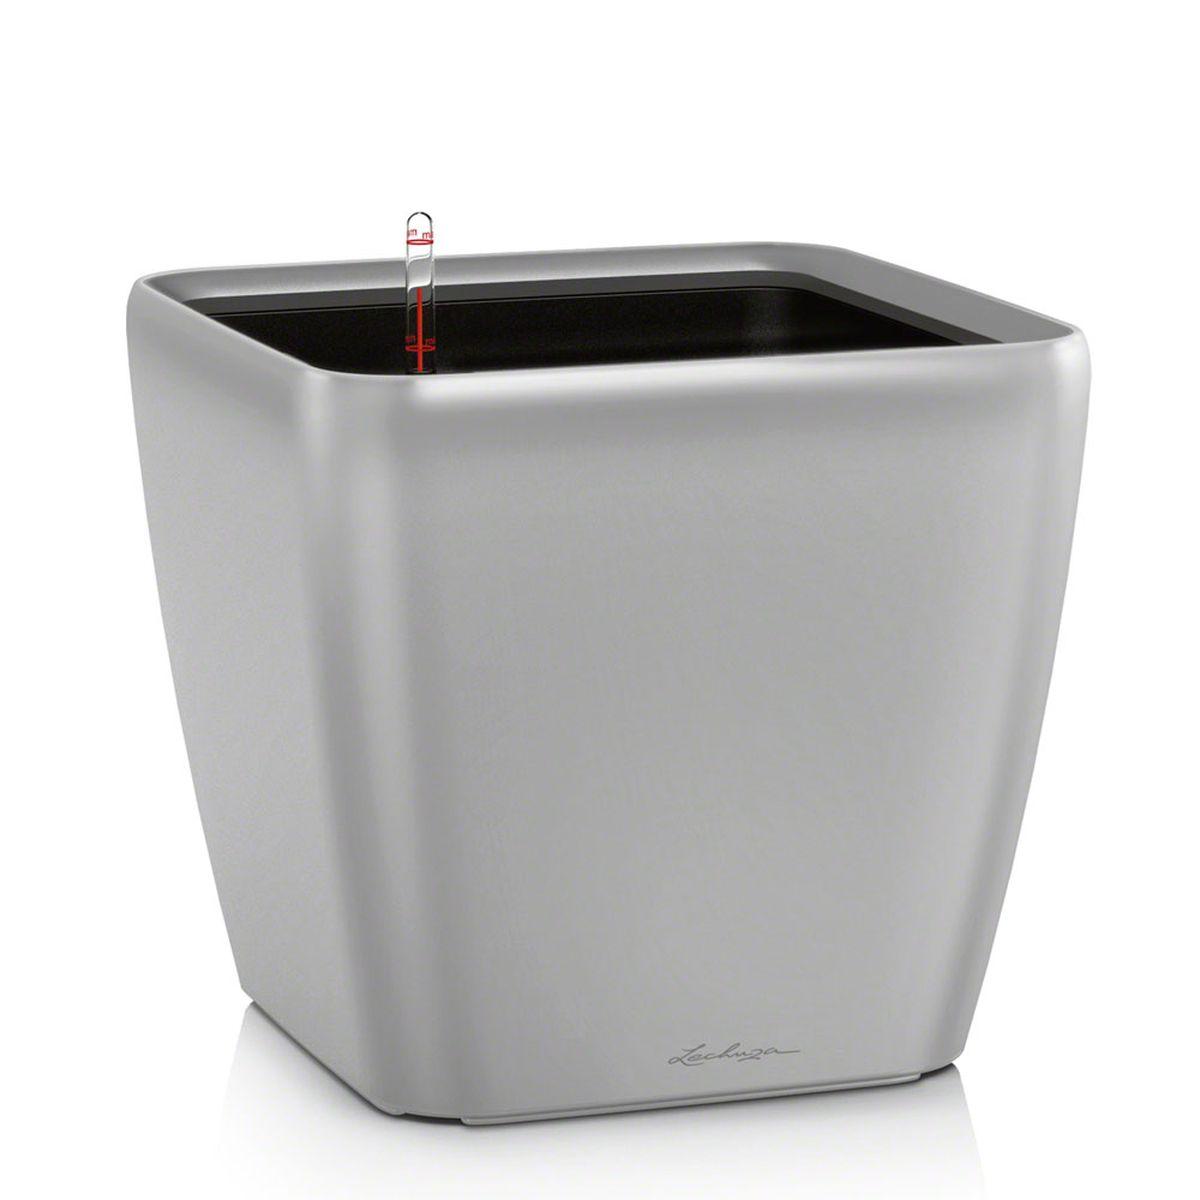 Кашпо Lechuza Quadro, с системой автополива, цвет: серебристый, 50 х 50 х 47 см16288Кашпо Lechuza Quadro, выполненное из высококачественного пластика, имеет уникальную систему автополива, благодаря которой корневая система растения непрерывно снабжается влагой из резервуара. Уровень воды в резервуаре контролируется с помощью специального индикатора. В зависимости от размера кашпо и растения воды хватает на 2-12 недель. Это способствует хорошему росту цветов и предотвращает переувлажнение.В набор входит: кашпо, внутренний горшок с выдвижной эргономичной ручкой, индикатор уровня воды, вал подачи воды, субстрат растений в качестве дренажного слоя, резервуар для воды.Кашпо Lechuza Quadro прекрасно впишется в любой интерьер. Оно поможет расставить нужные акценты, а также придаст помещению вид, соответствующий вашим представлениям.